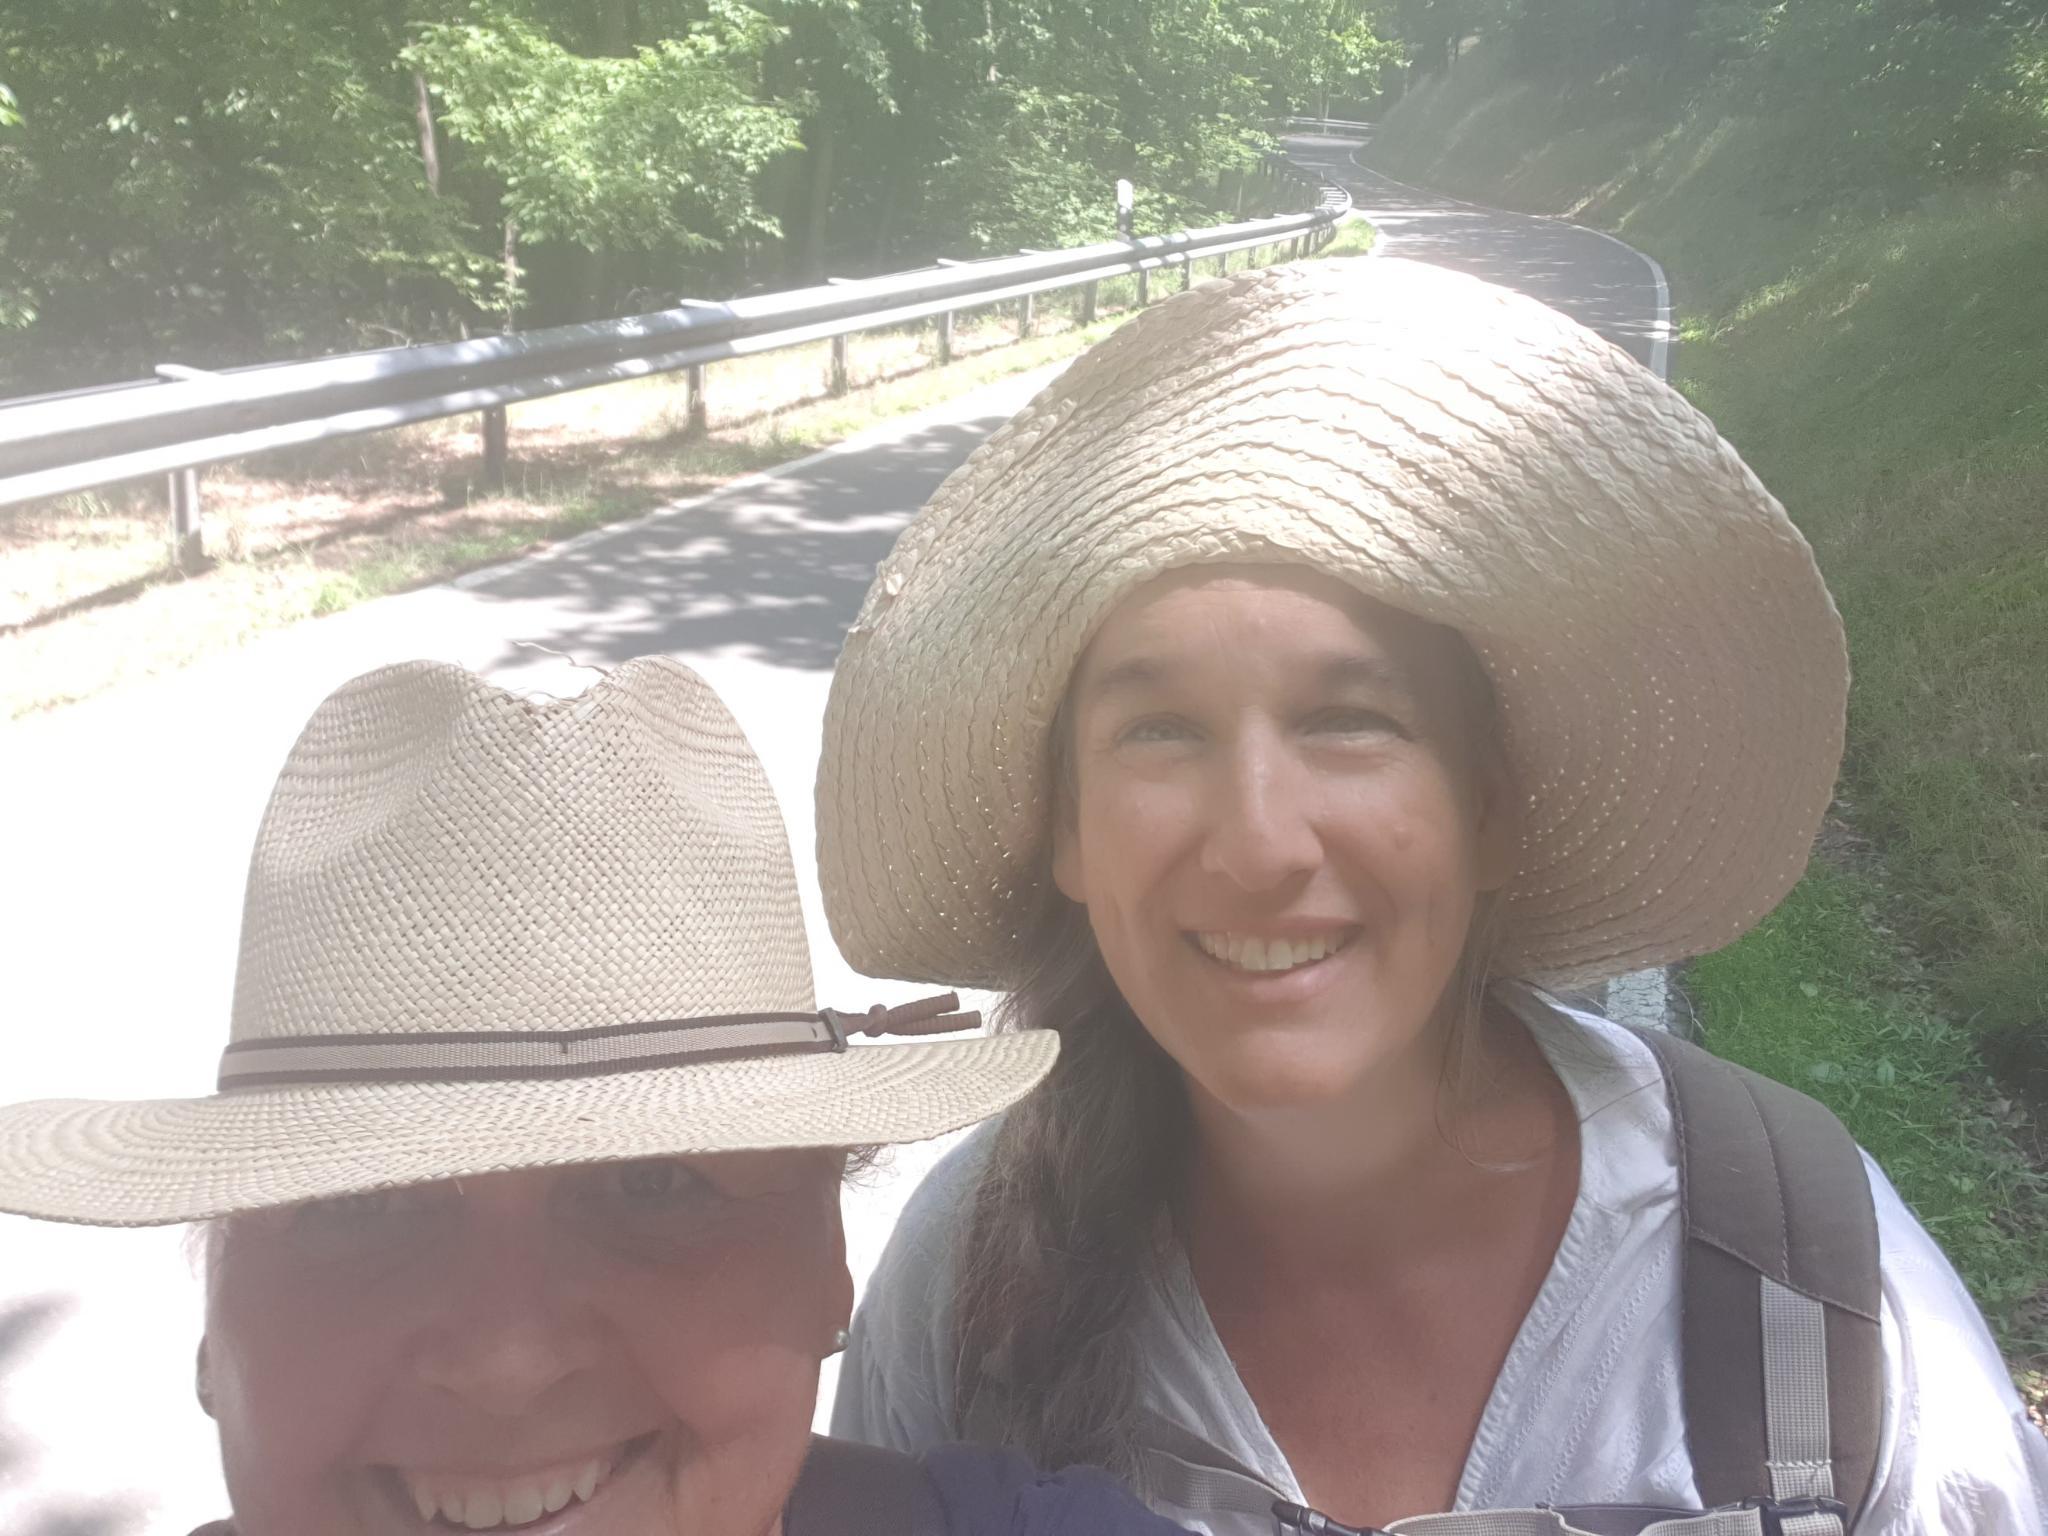 """Anbei ein paar Impressionen unserer heutigen Wanderung zum """"Weltende"""".  Herzliche Grüße Monika & Esther 03. Juli 2021 18:43"""